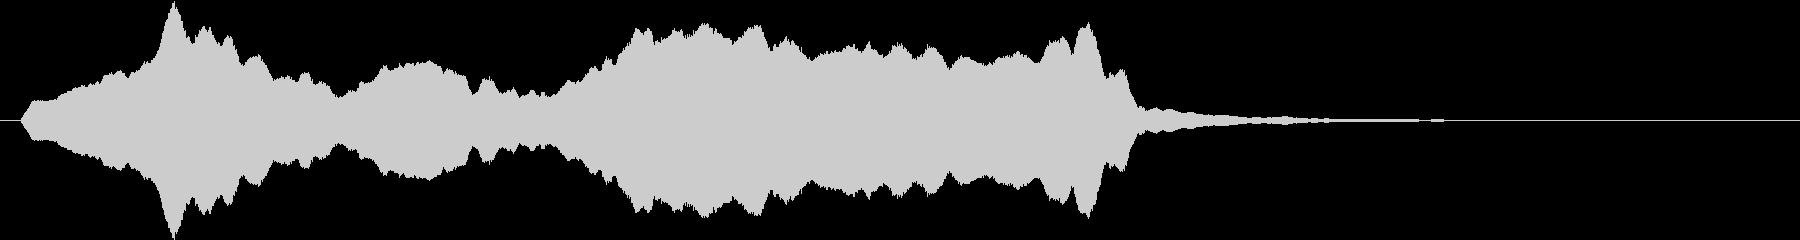 音侍SE「尺八フレーズ1」エニグマ音05の未再生の波形